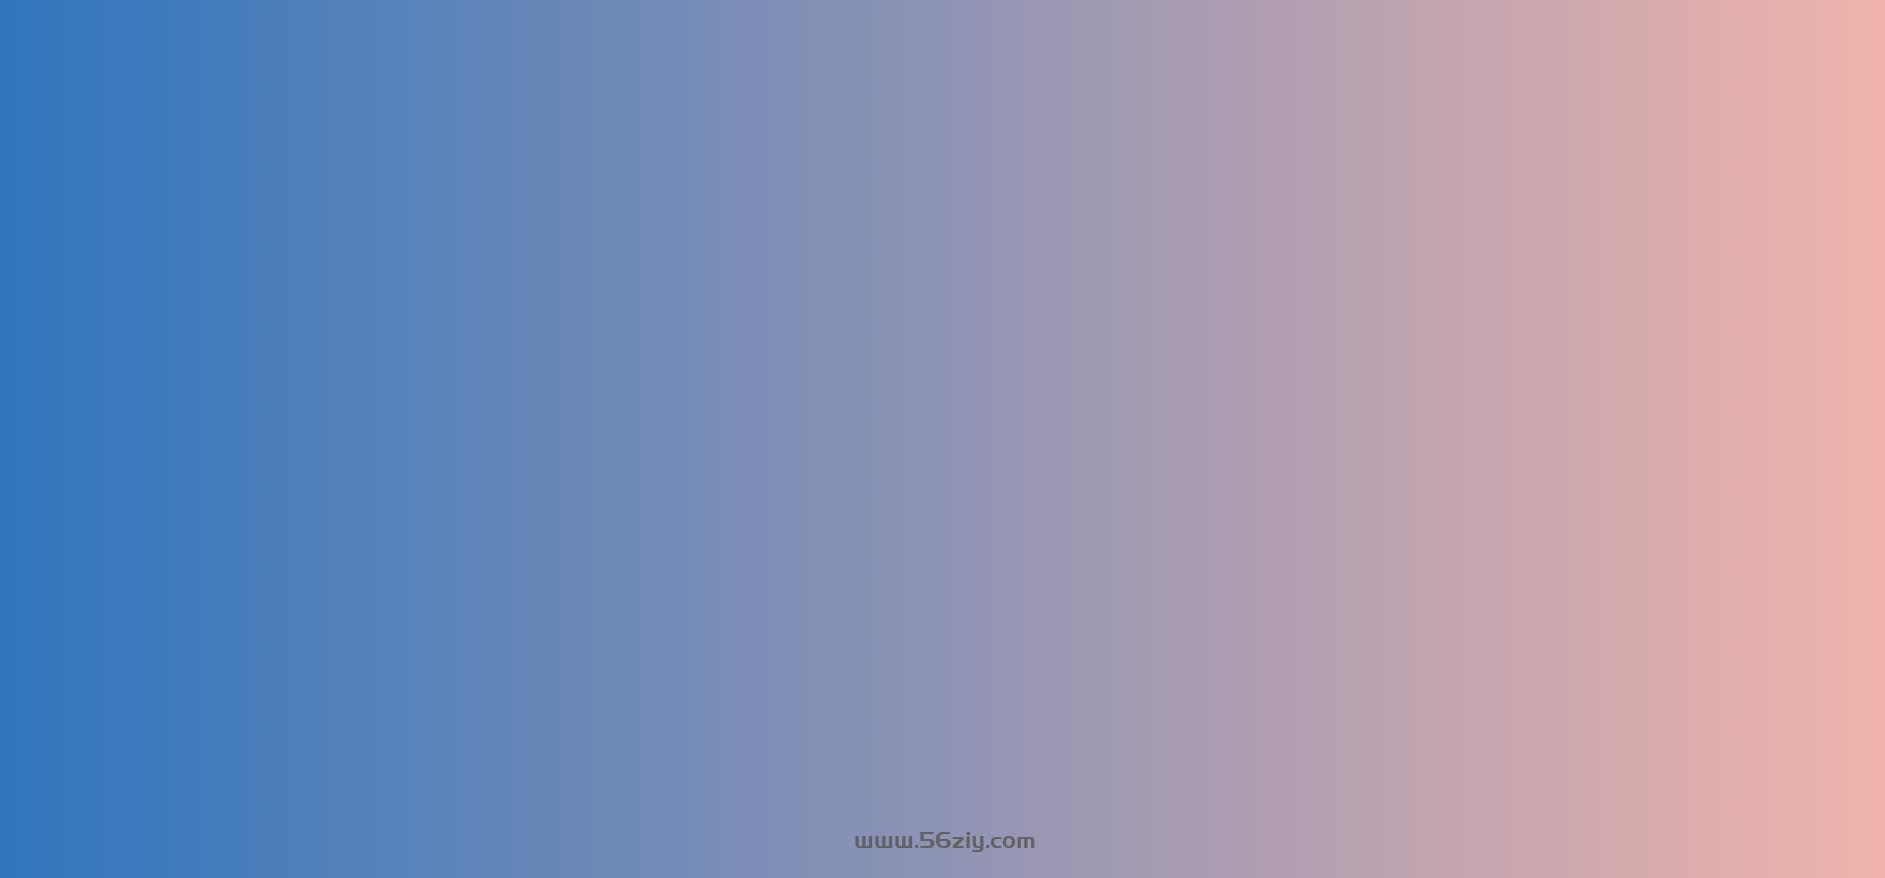 很漂亮网页背景渐变色代码副业项目